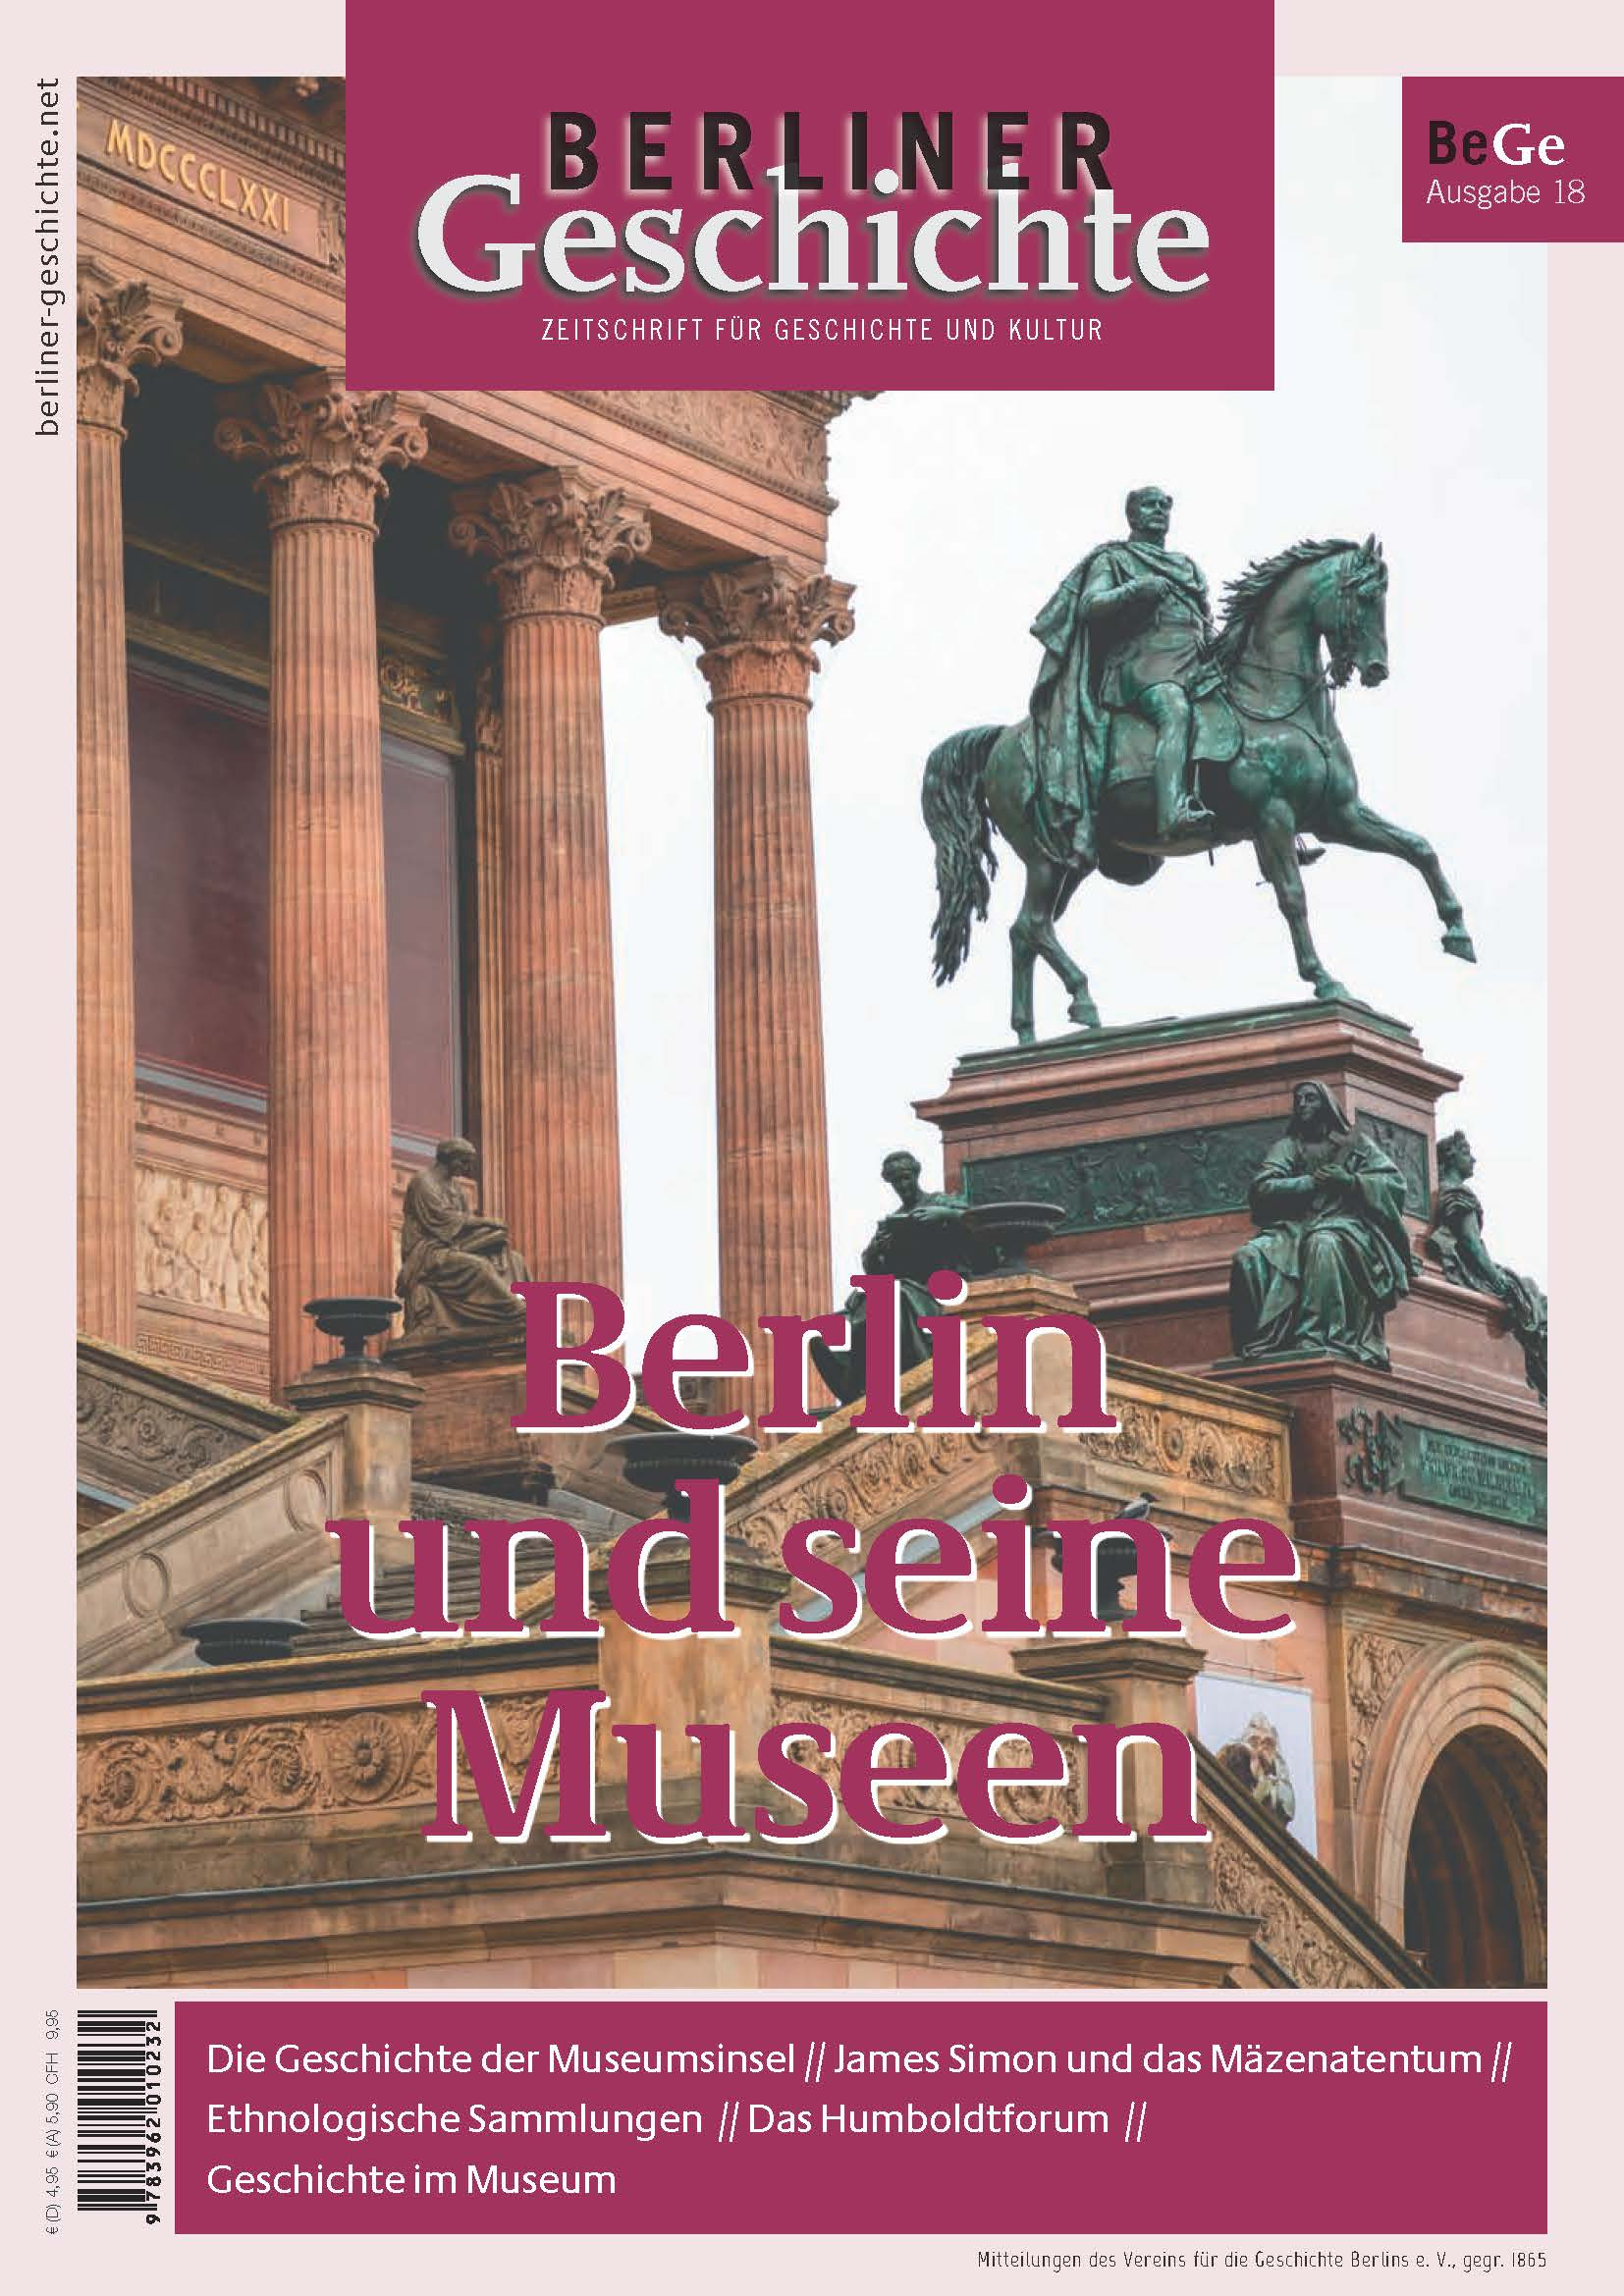 Geschichte der Berliner Museen